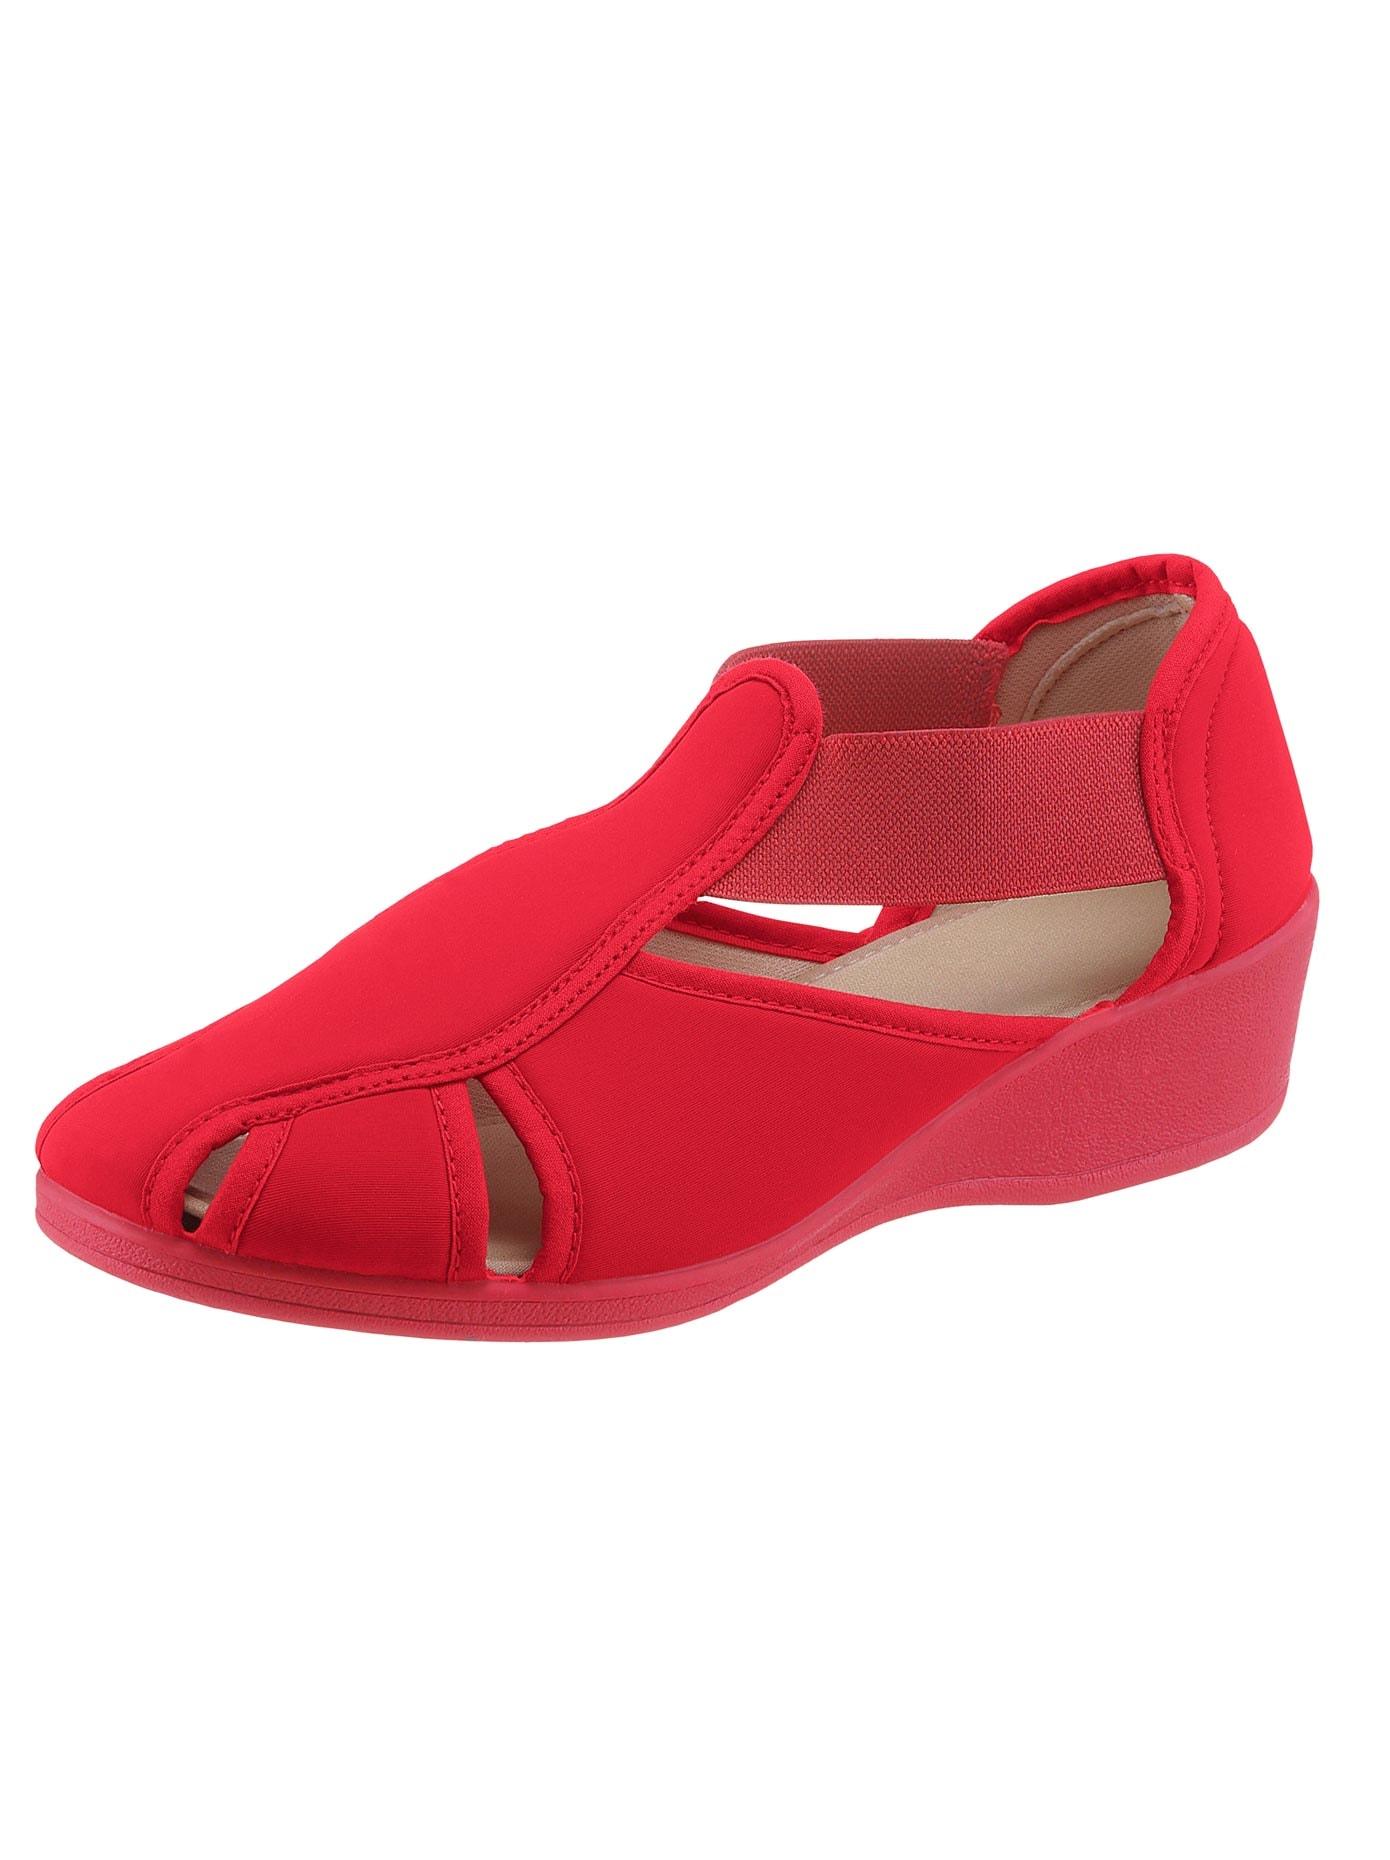 Classic Slipper kaufen in Mokasassin-Form bequem online kaufen Slipper | Gutes Preis-Leistungs-Verhältnis, es lohnt sich 1daf27